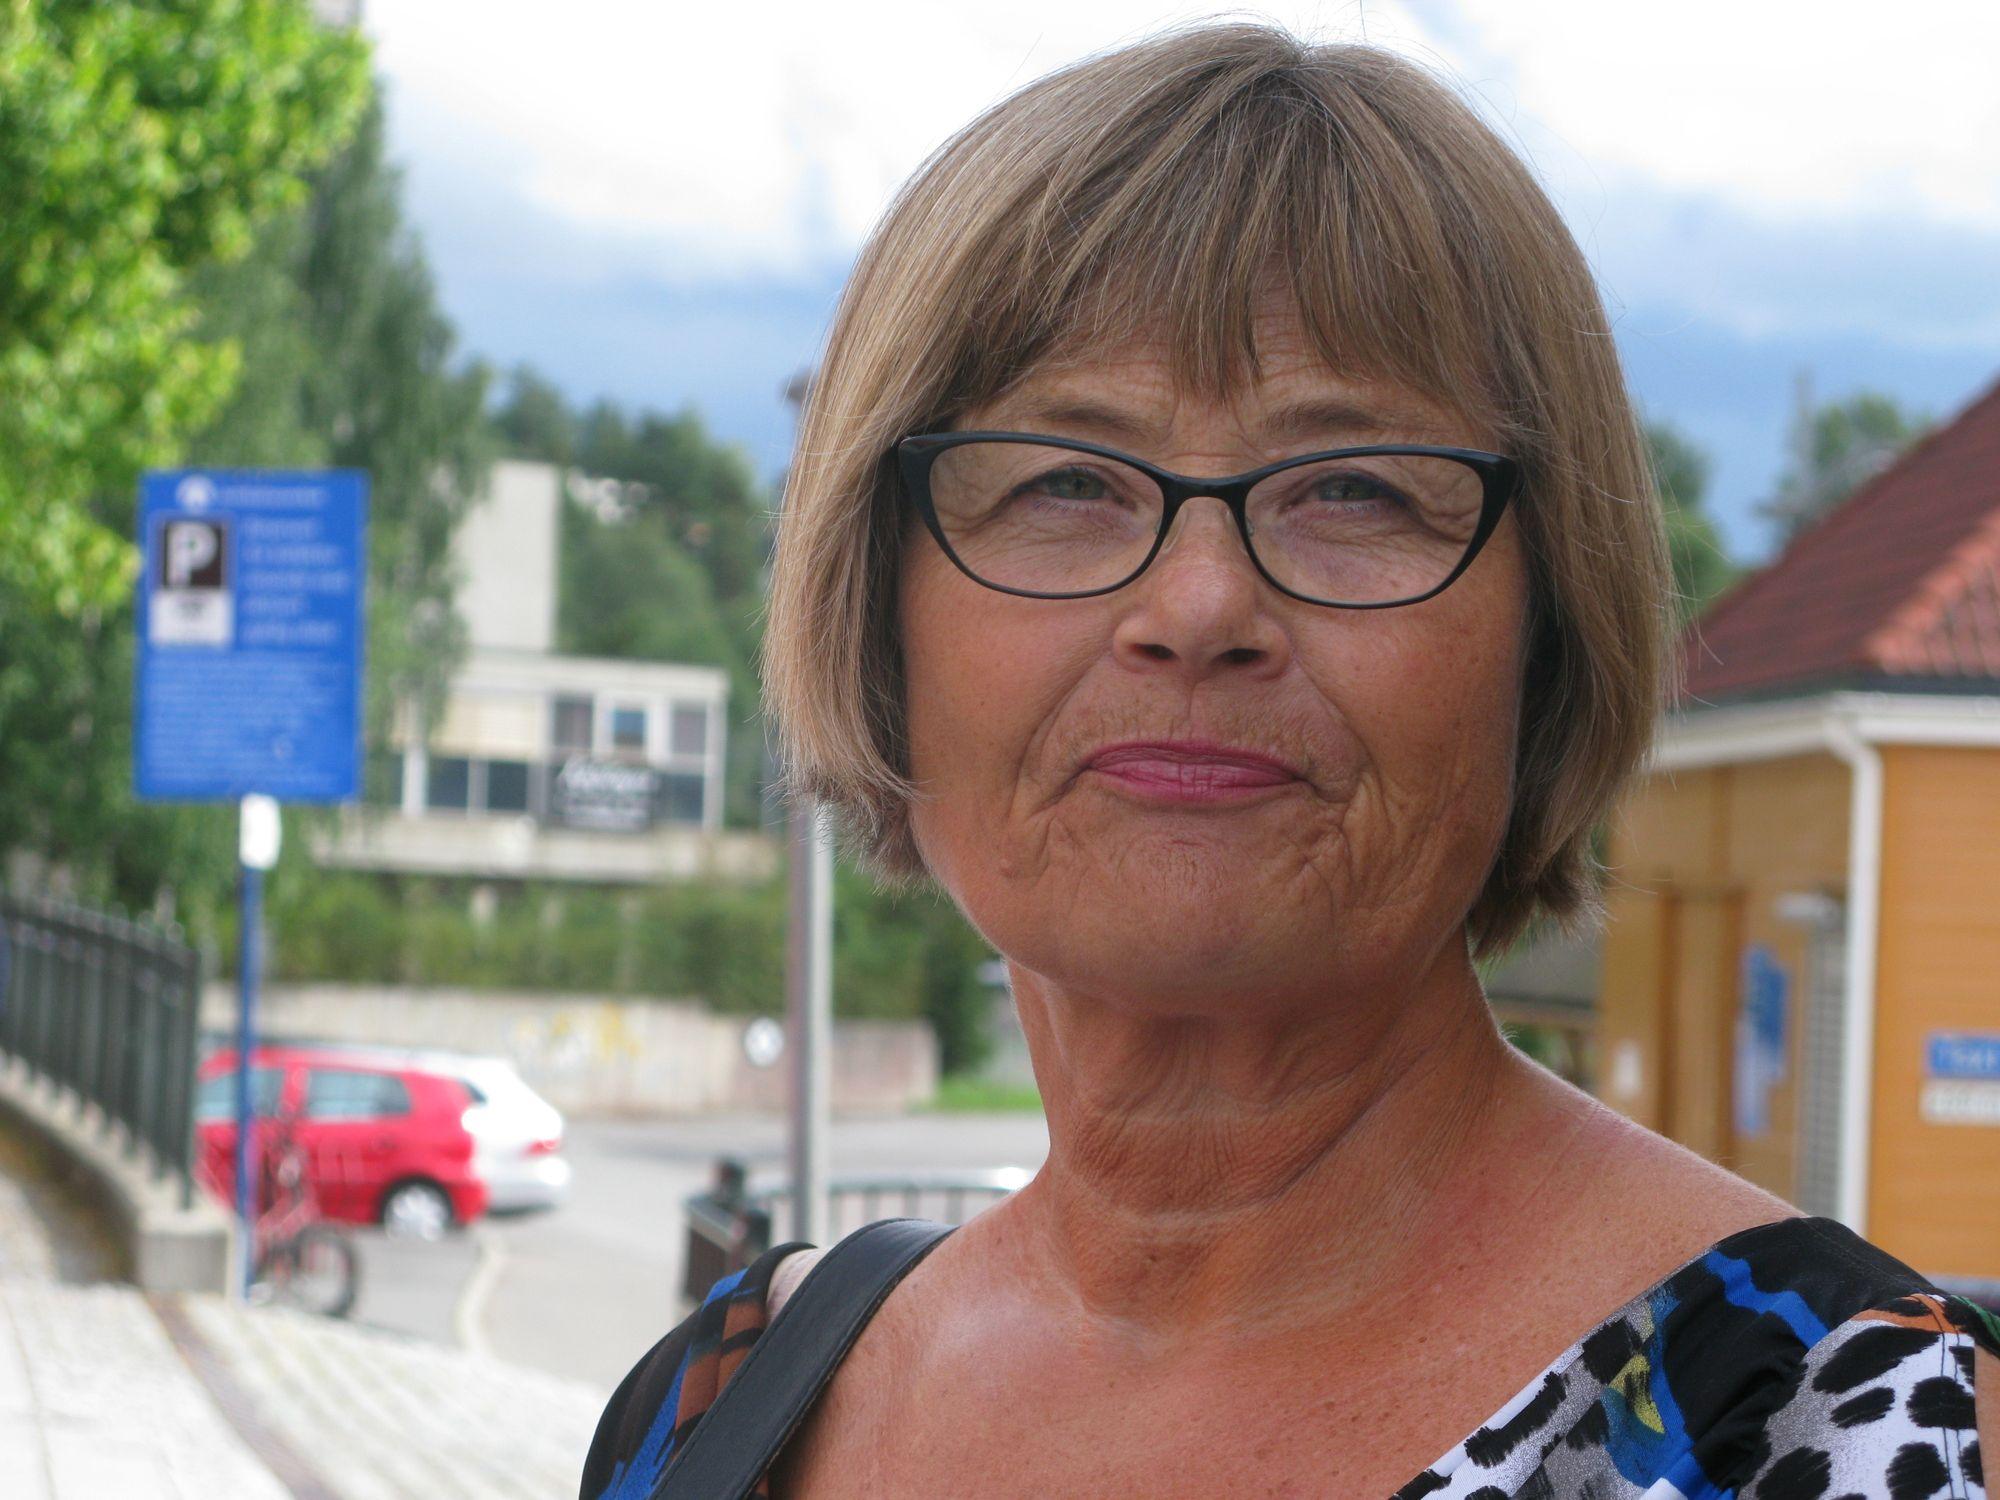 OVERRASKET: Anna Marie Knutzen mener det har gått overraskende bra under anleggsperioden.